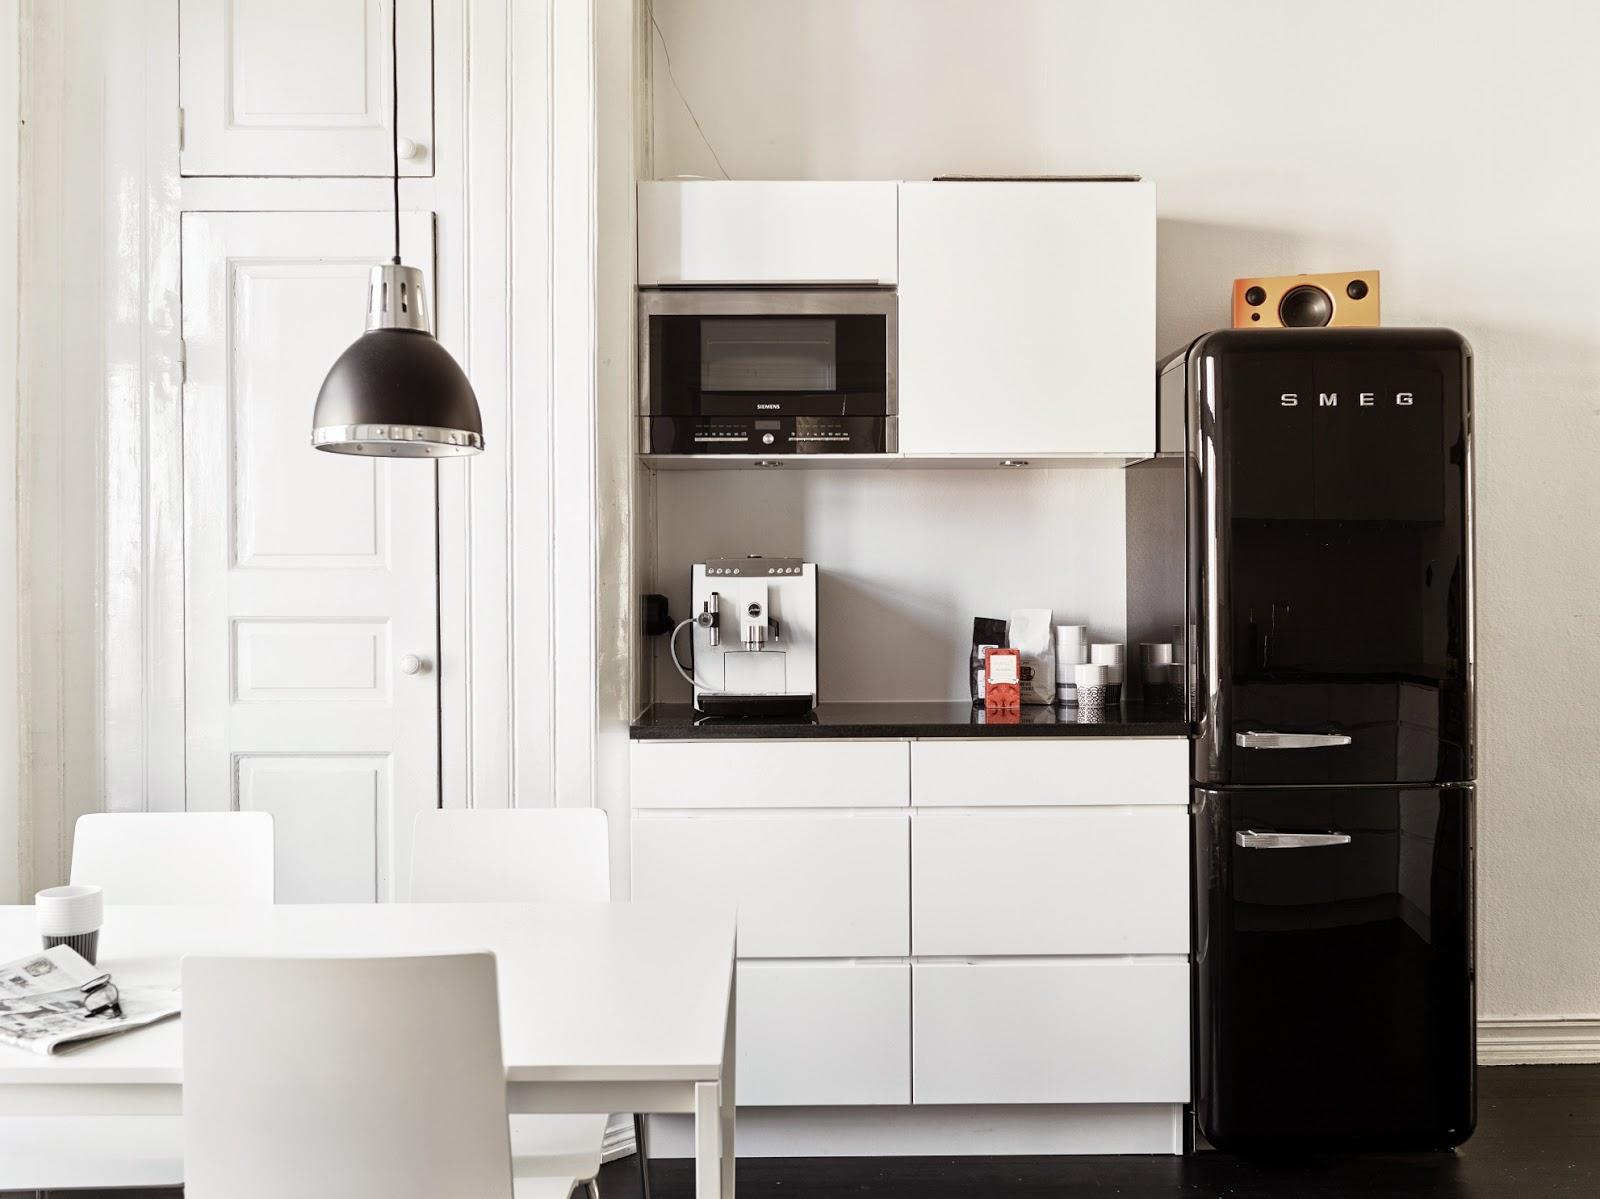 Stile scandinavo applicazione pratica coffee break - Sme arredo bagno ...